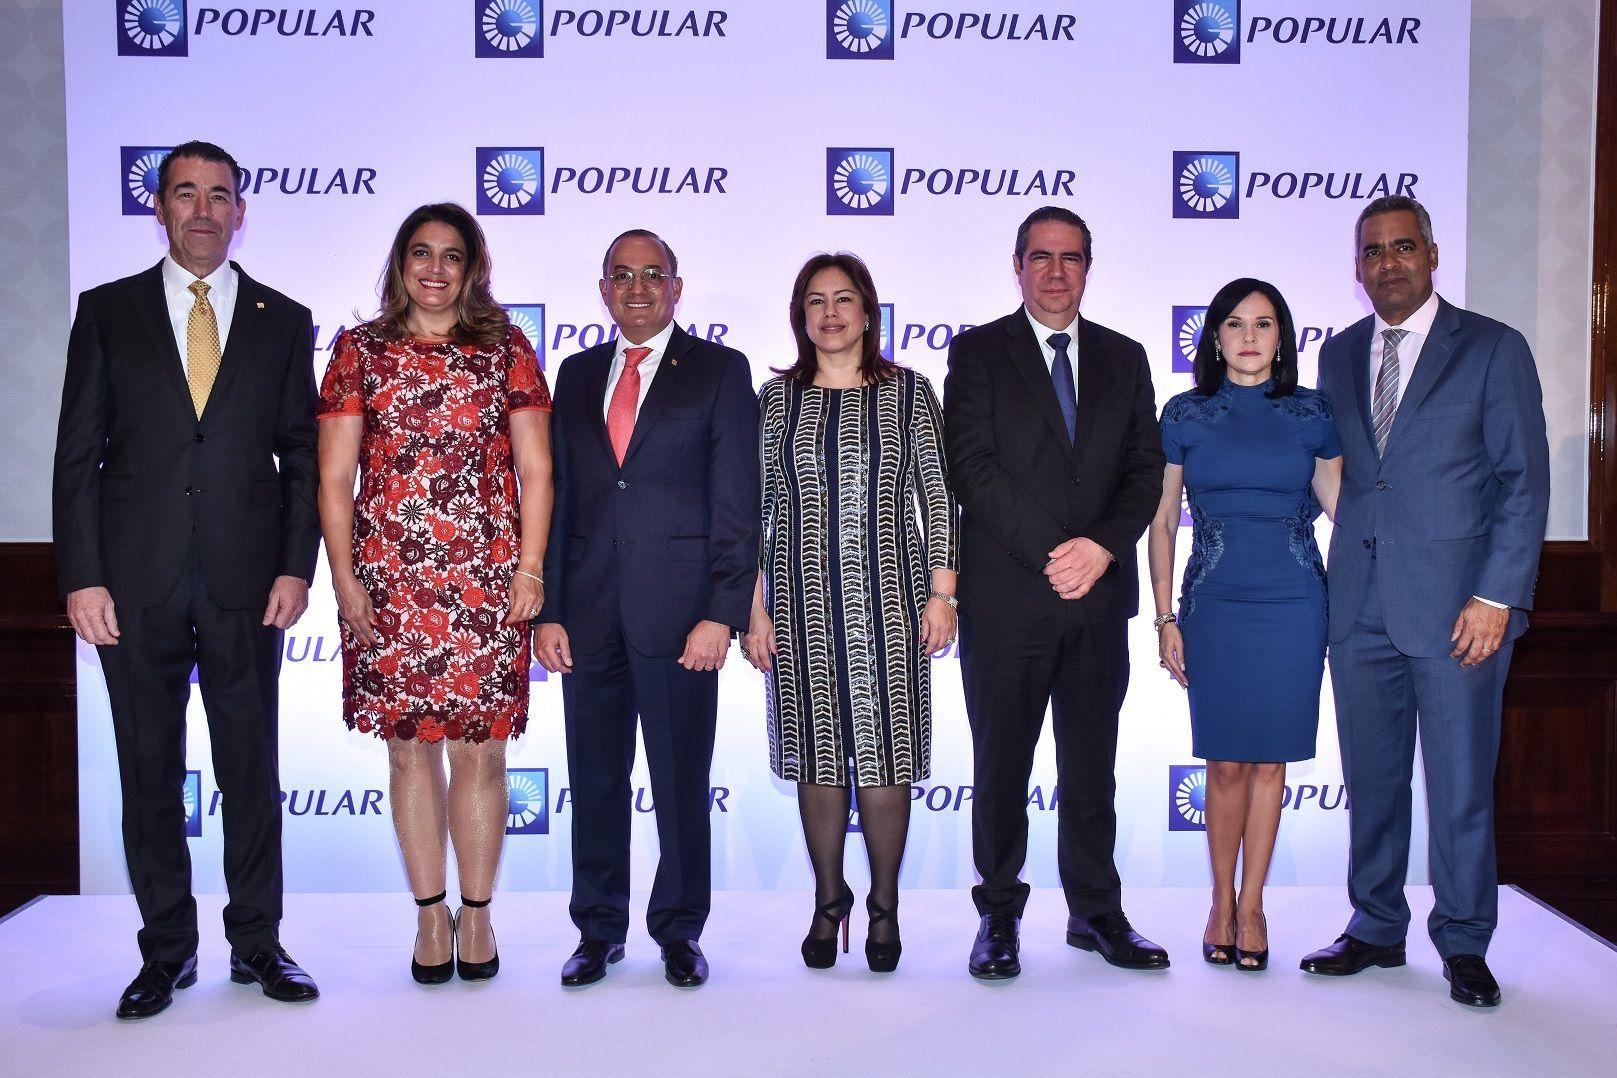 Banco Popular reafirmó su compromiso con el turismo